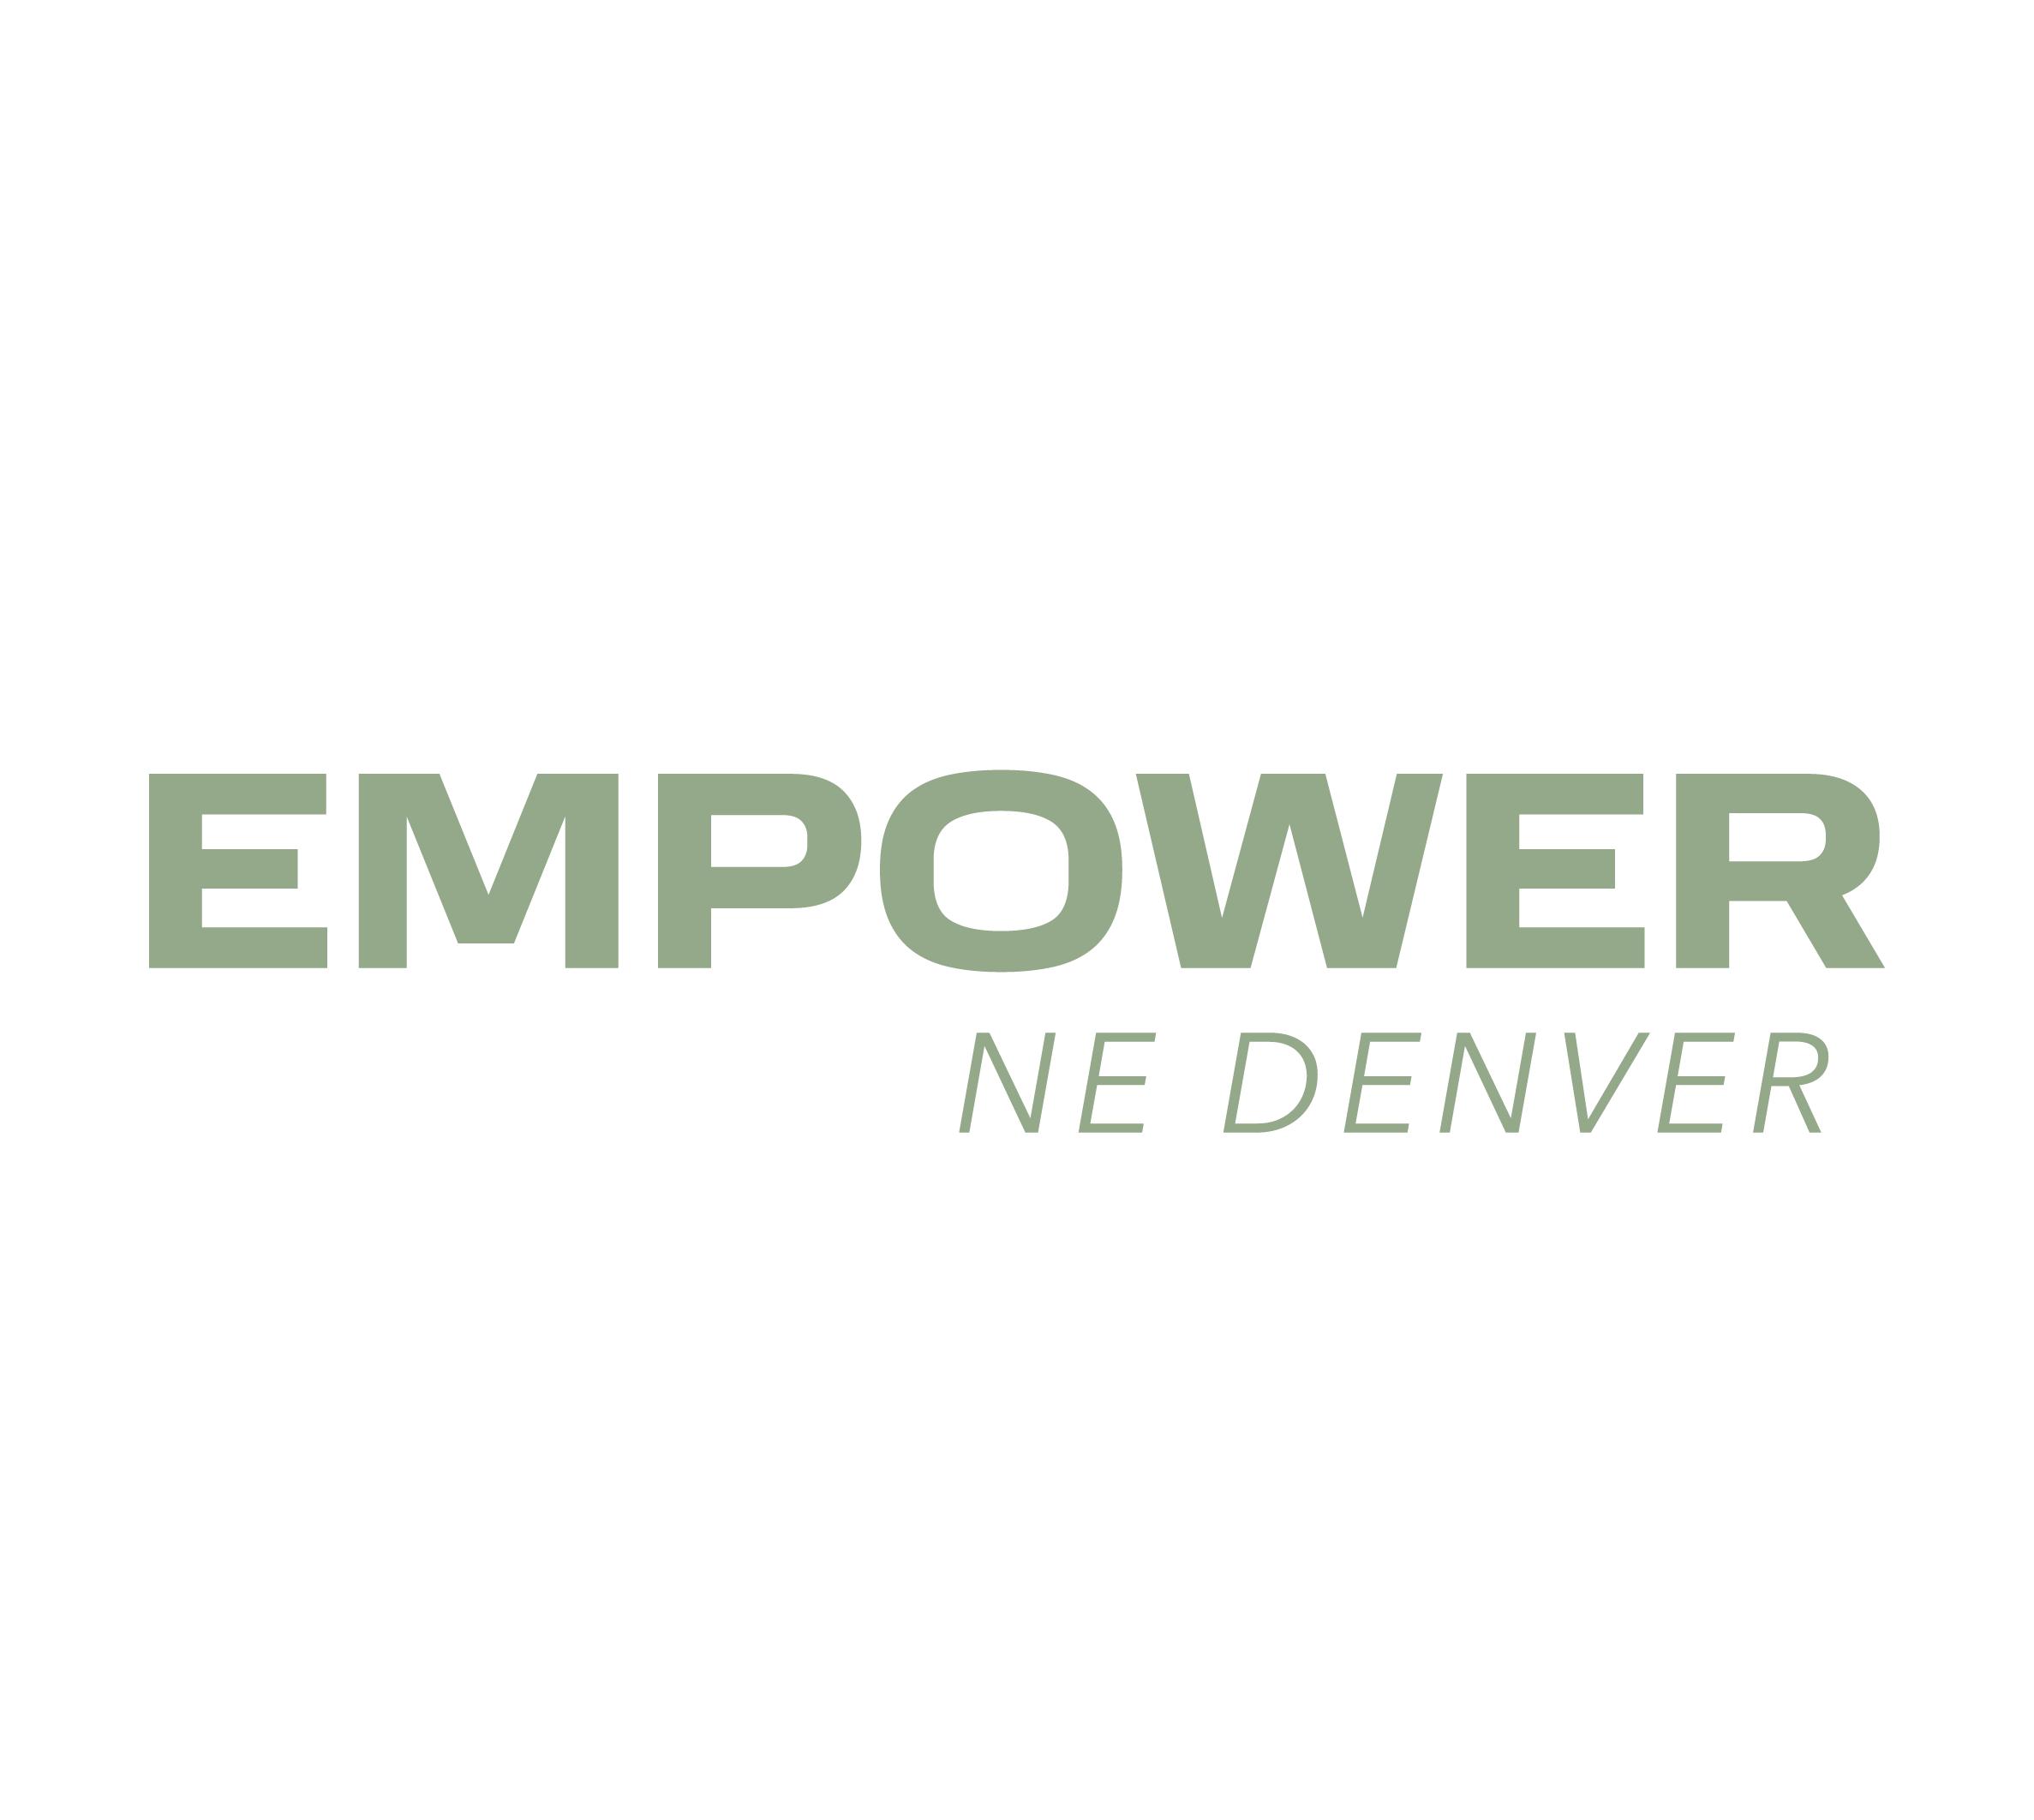 Empower Northeast Denver